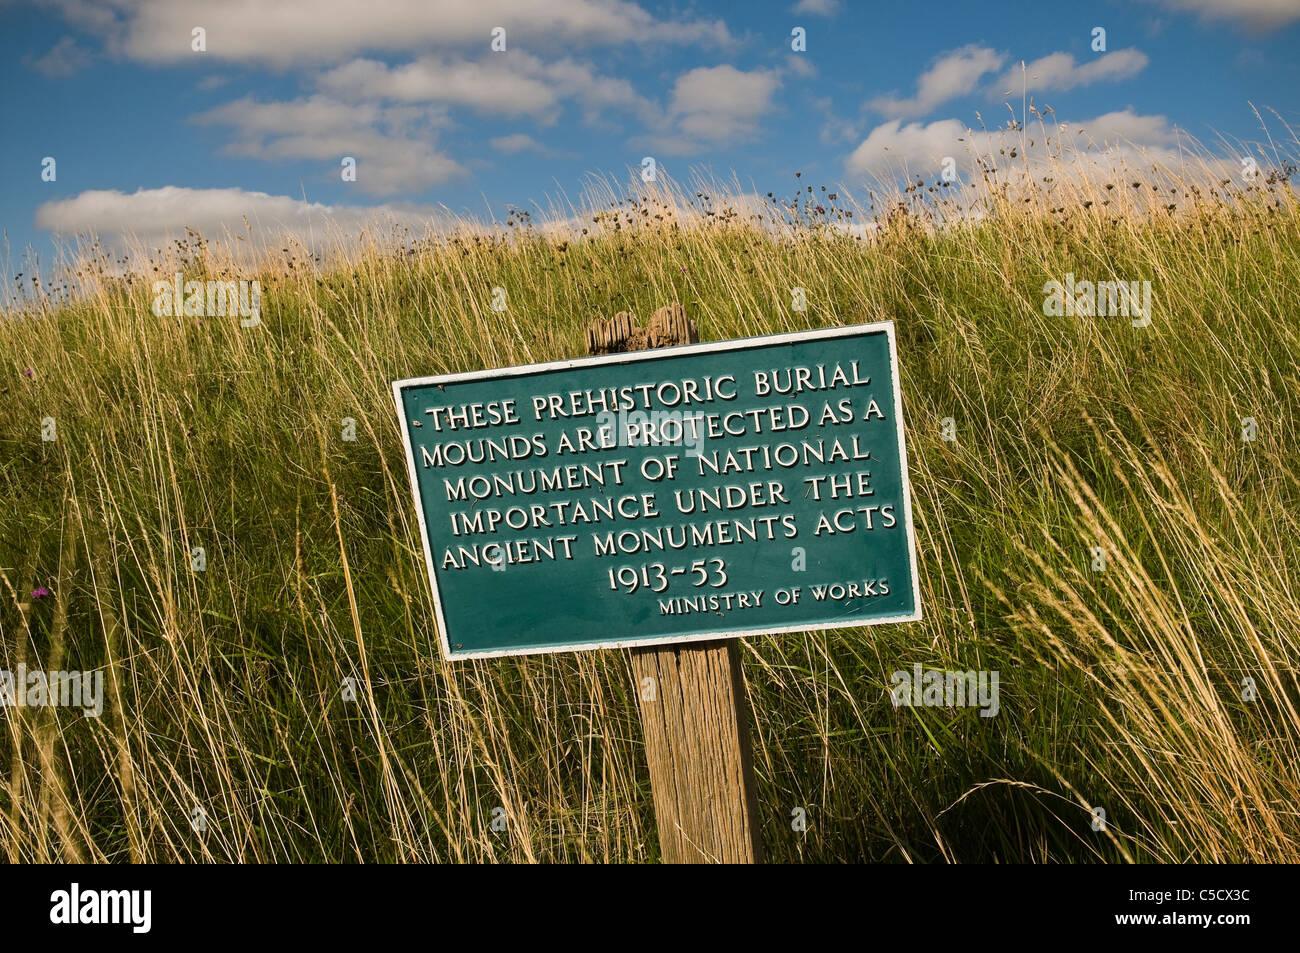 Ministero delle Opere segno ad un preistorico monumento antico sito, Berkshire, Regno Unito Immagini Stock